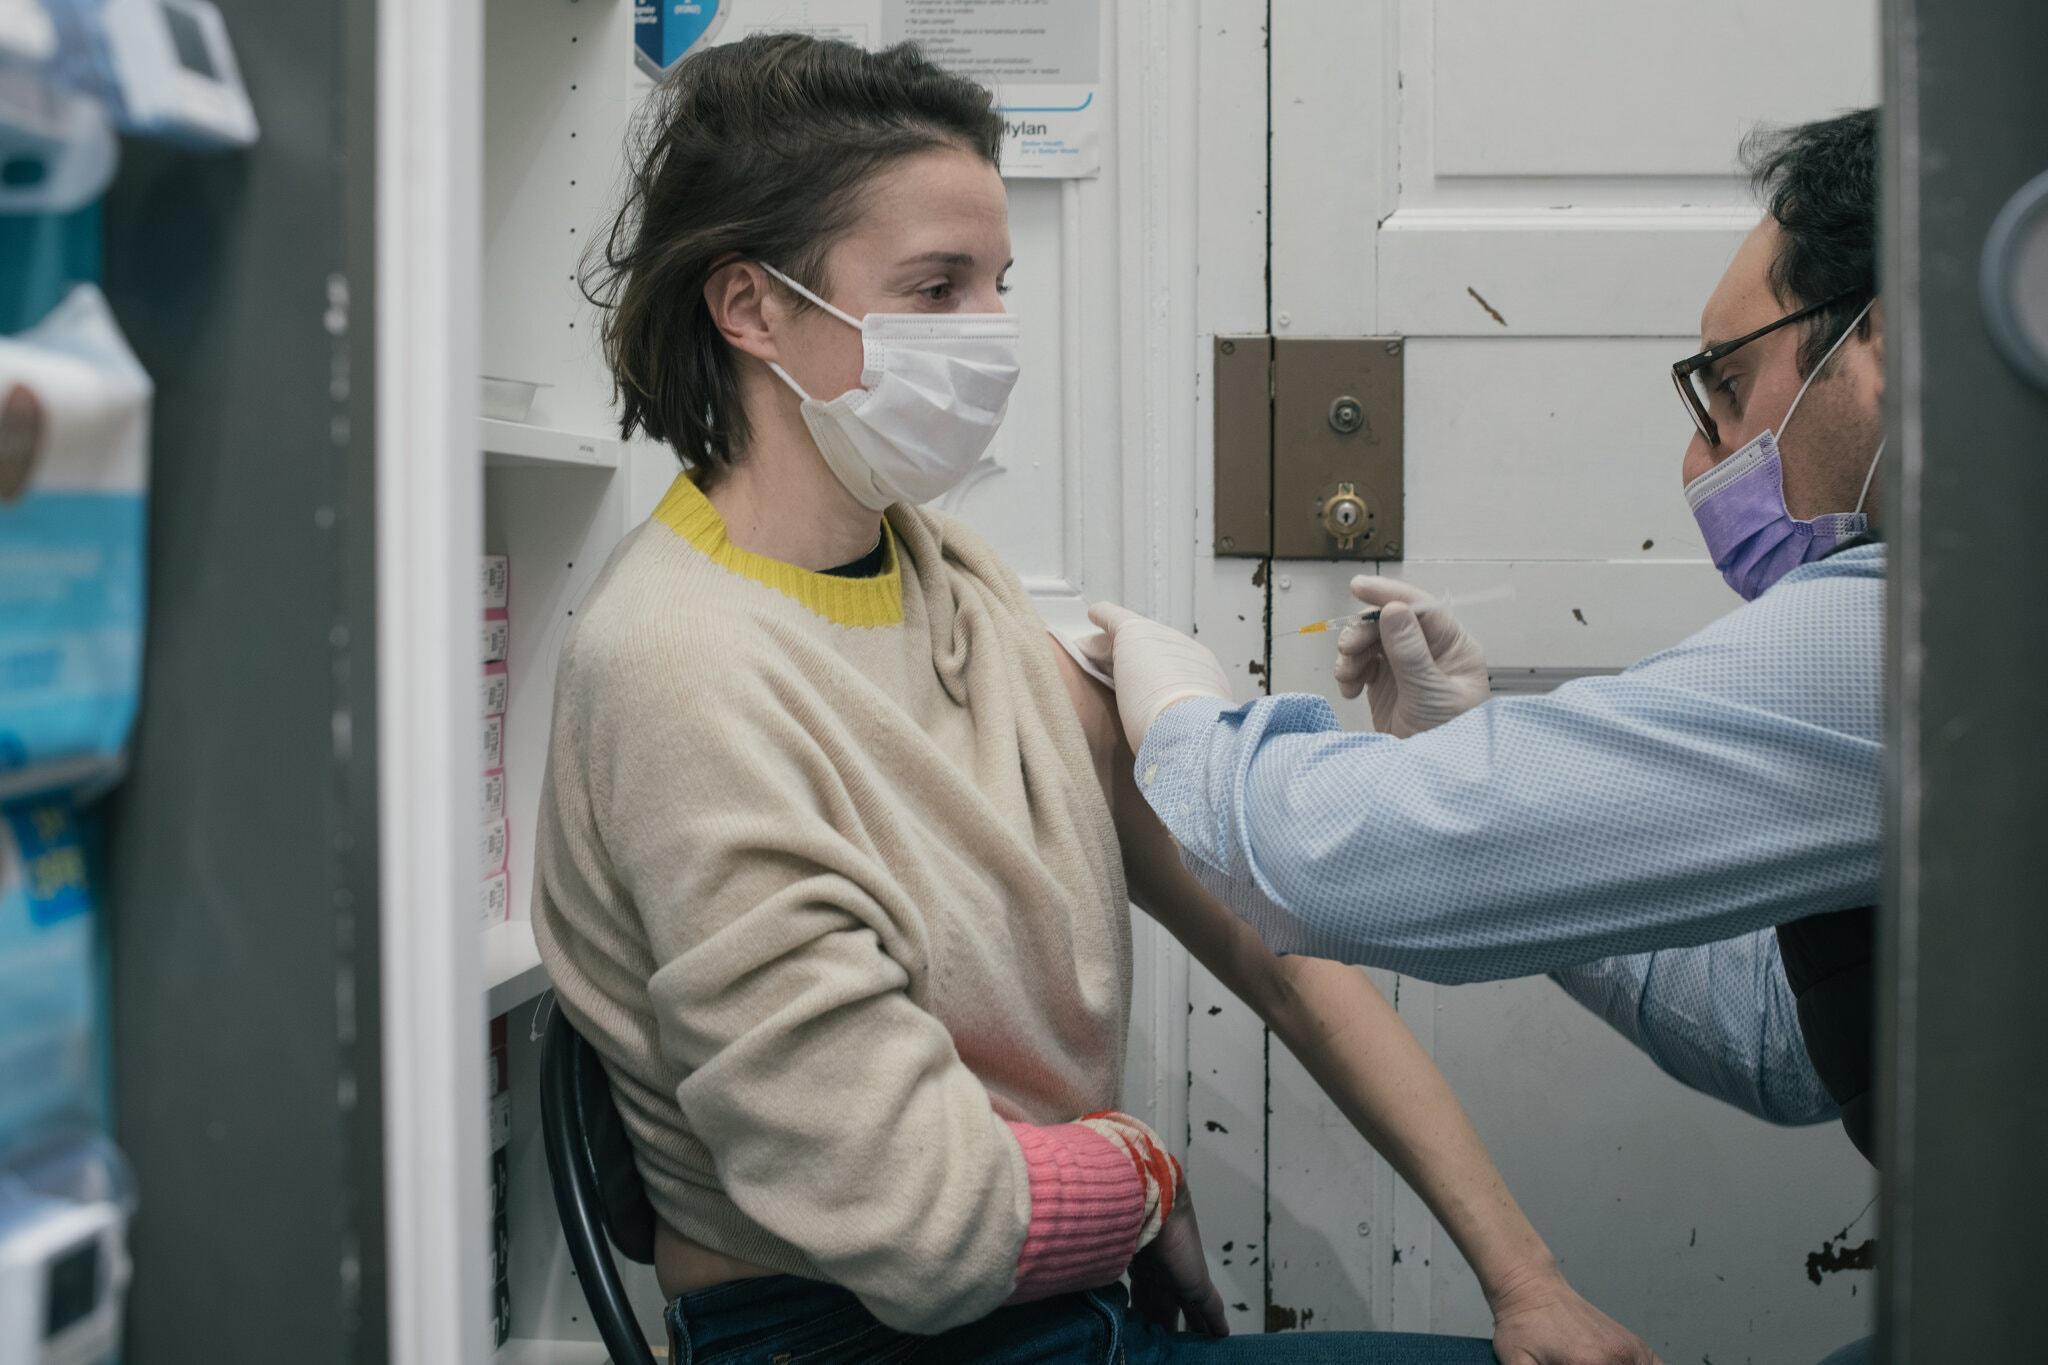 Châu Âu tụt hậu trong chiến dịch vắc xin-5